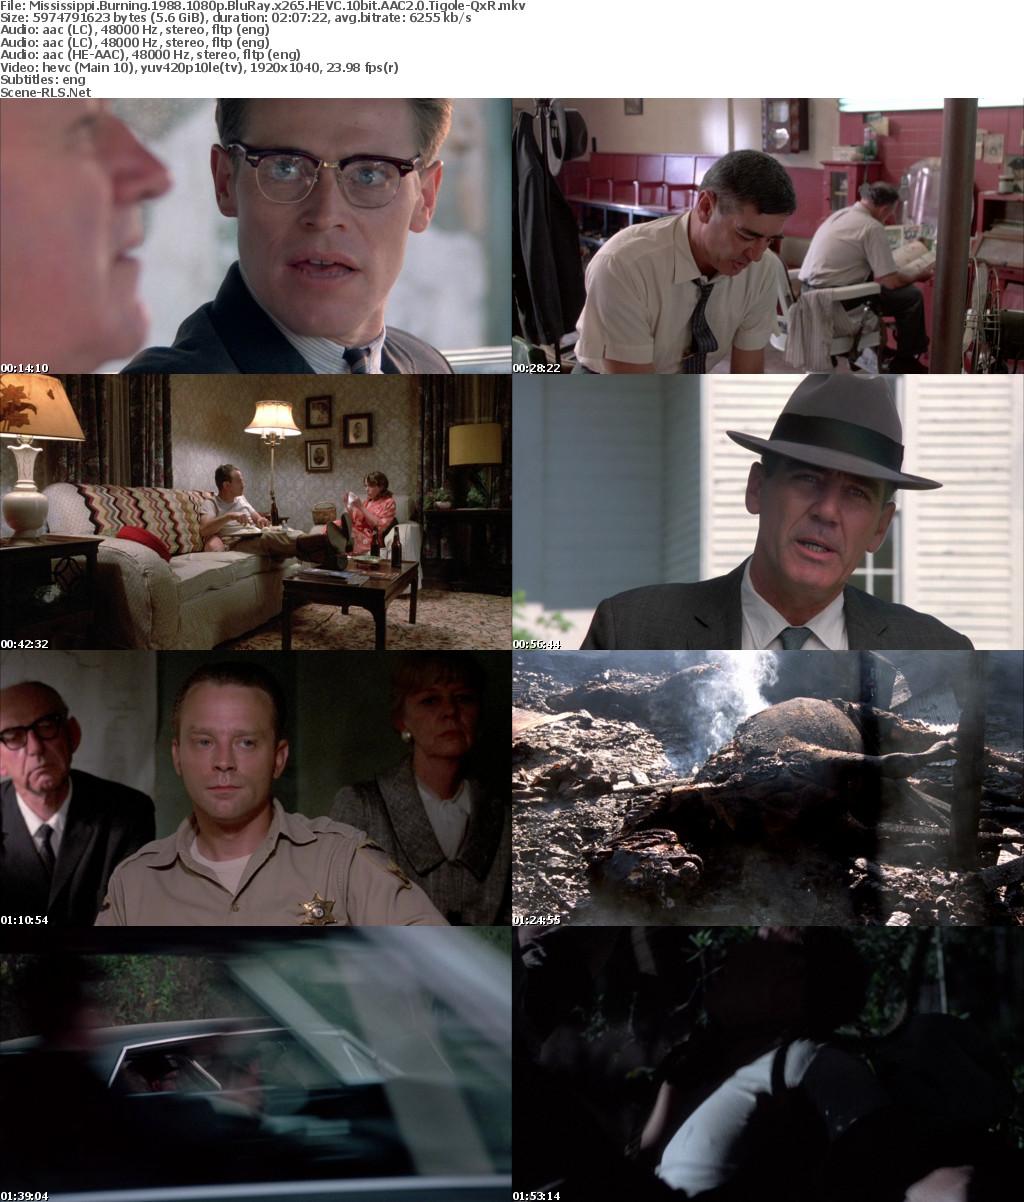 Mississippi Burning 1988 1080p BluRay x265 HEVC 10bit AAC2 0 Tigole